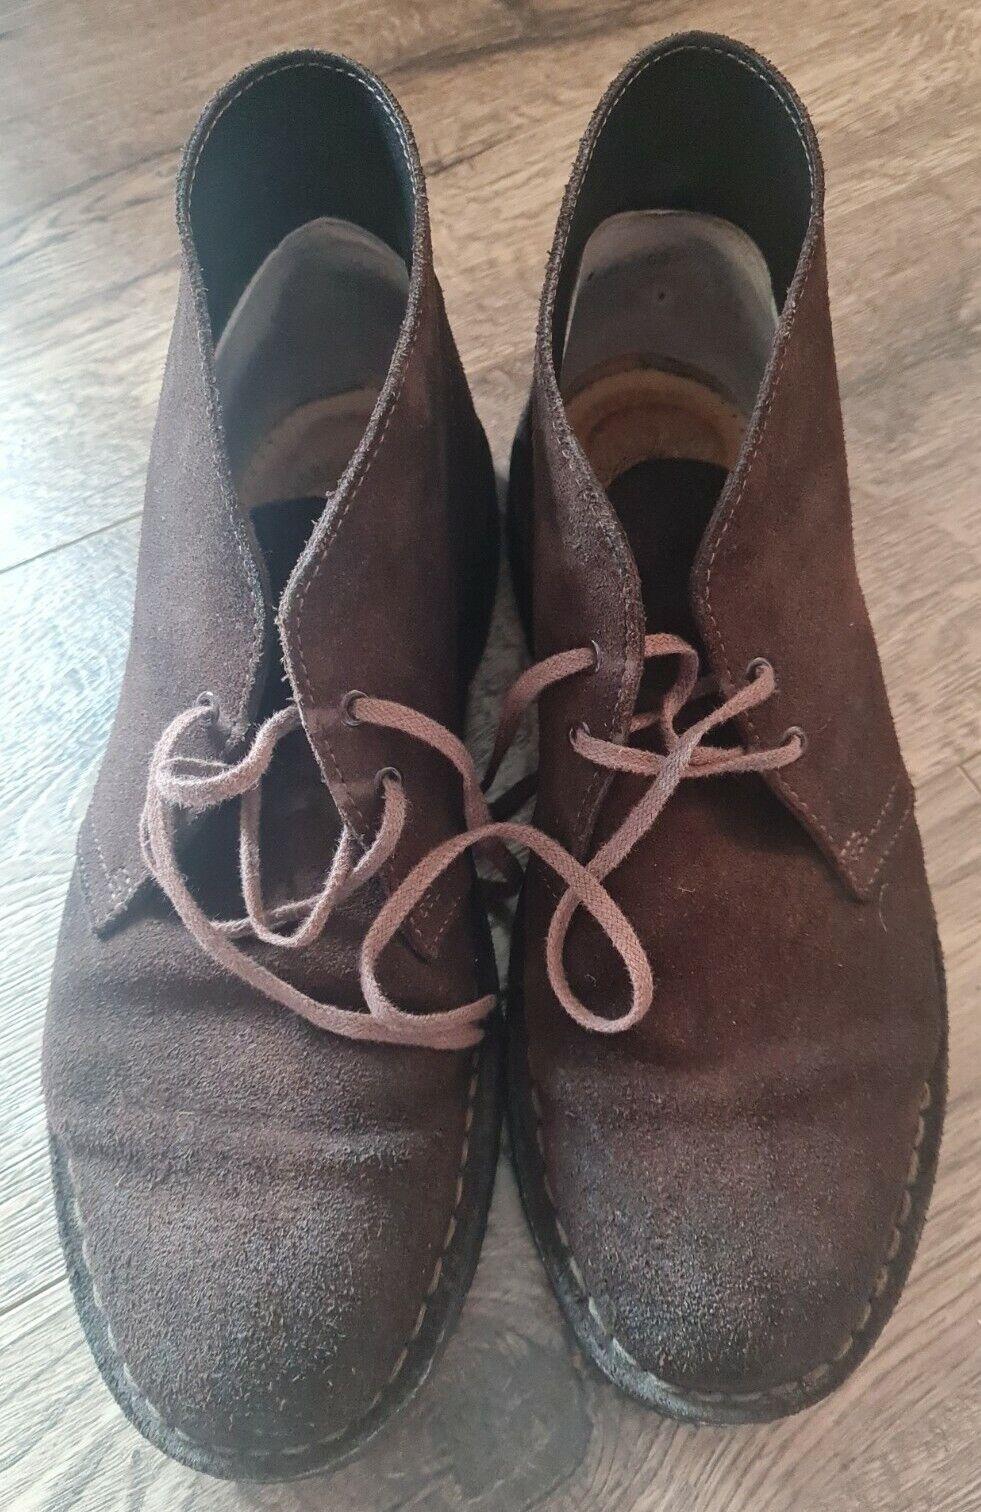 Mens Clarks Originals Desert Boots Brown Suede UK 7.5